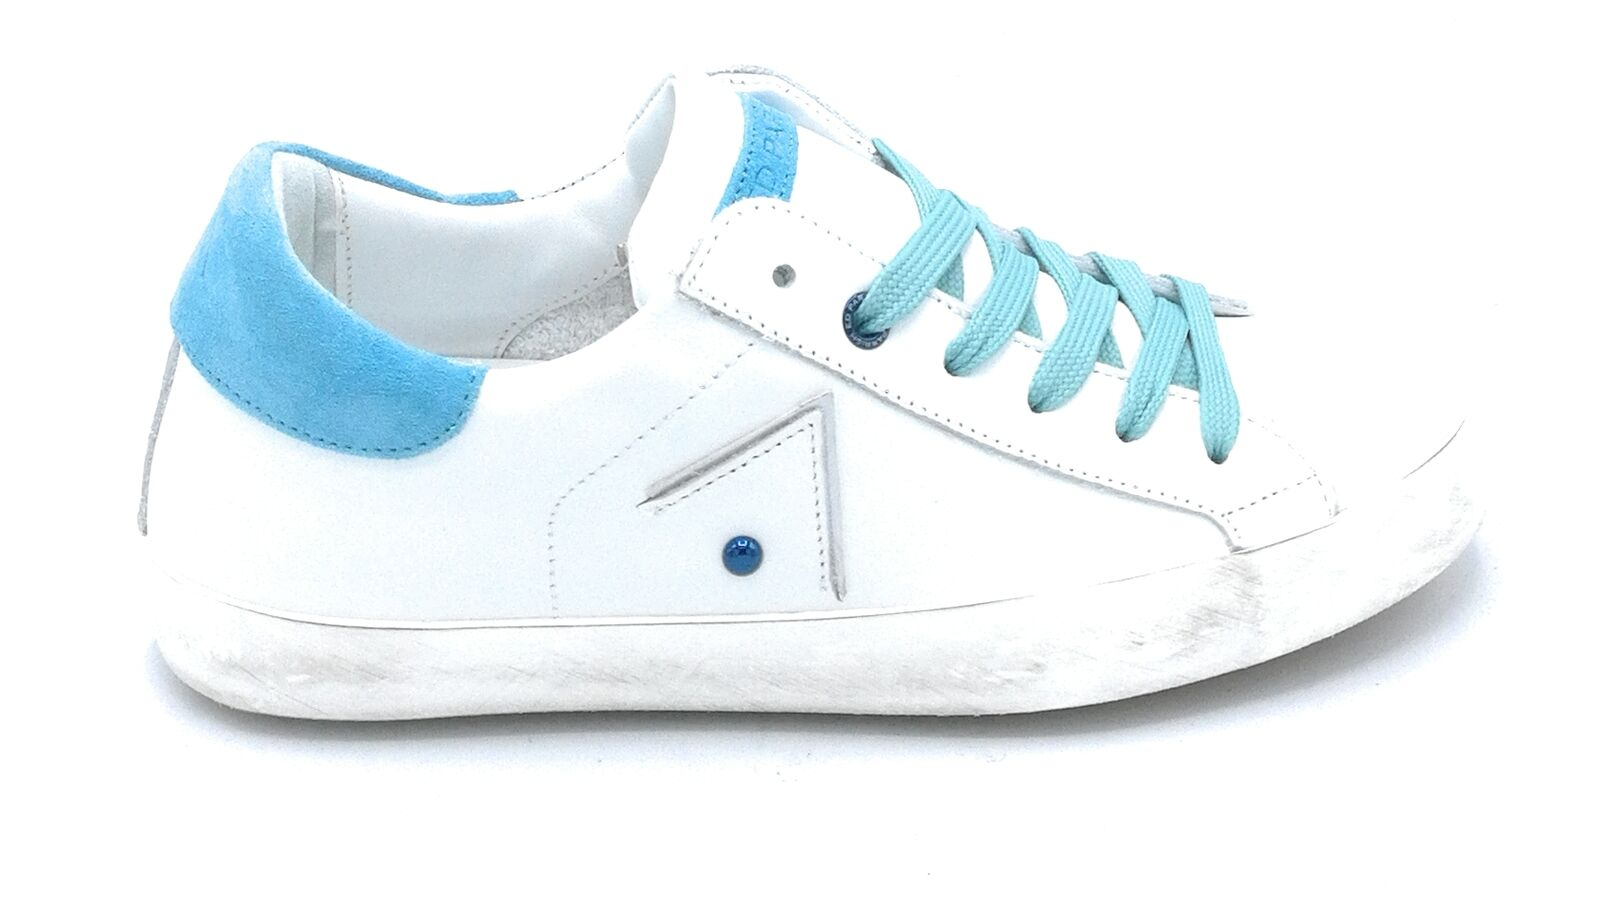 Ed Parrish Pnld Fa01 Sportschuhe Schnürsenkel Quaste Weiß Gämse Blau Accessoire